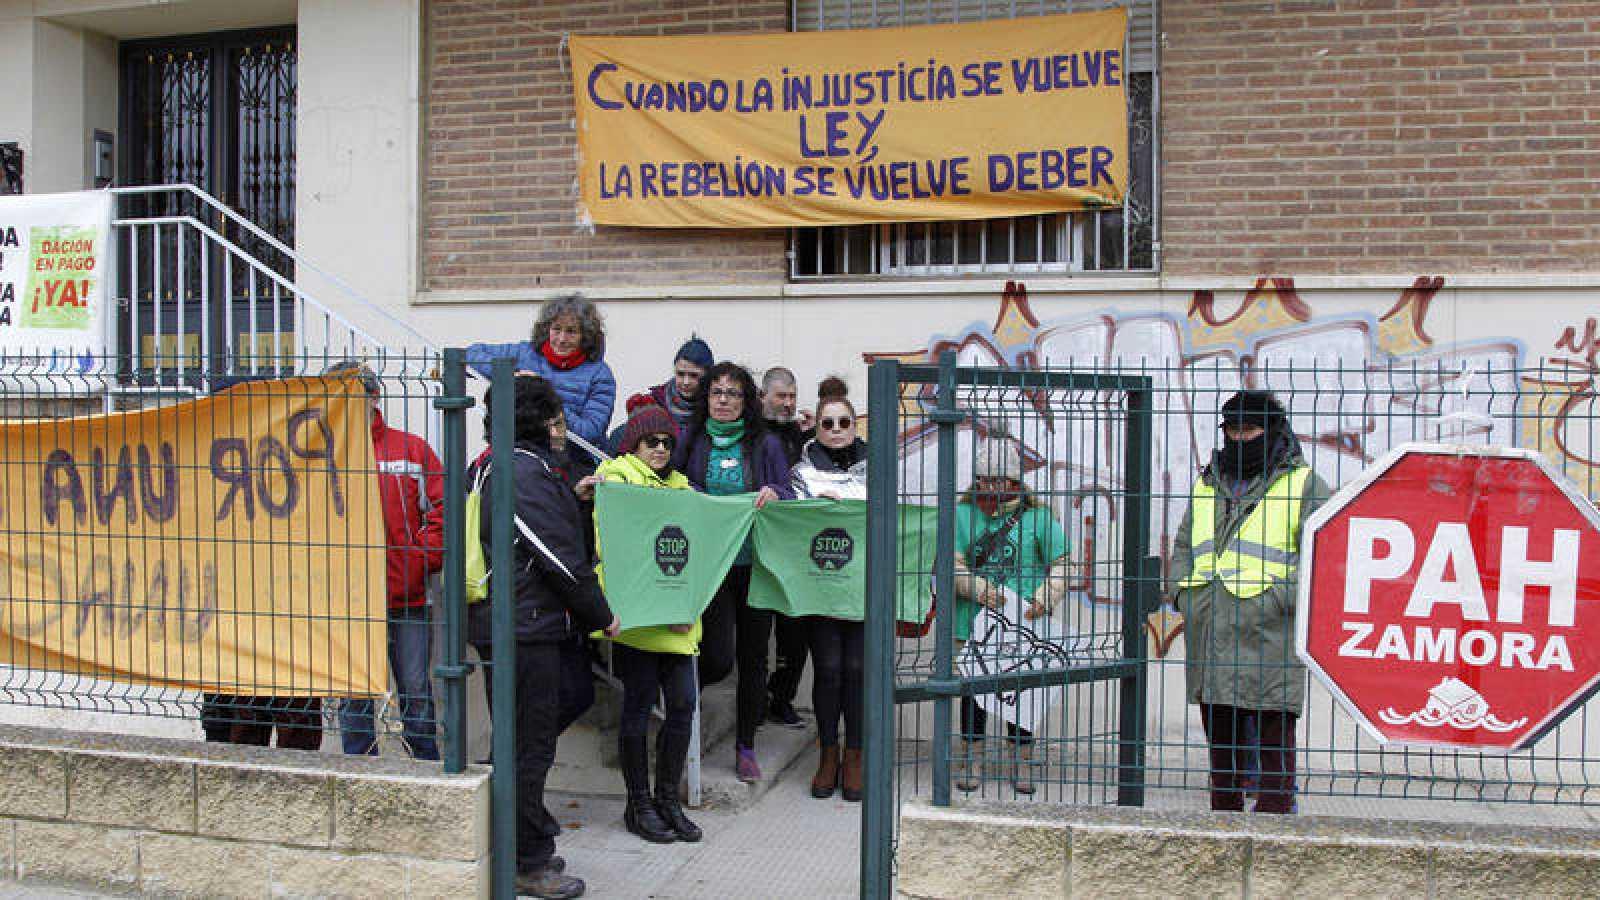 La PAH paraliza un desahucio en Zamora